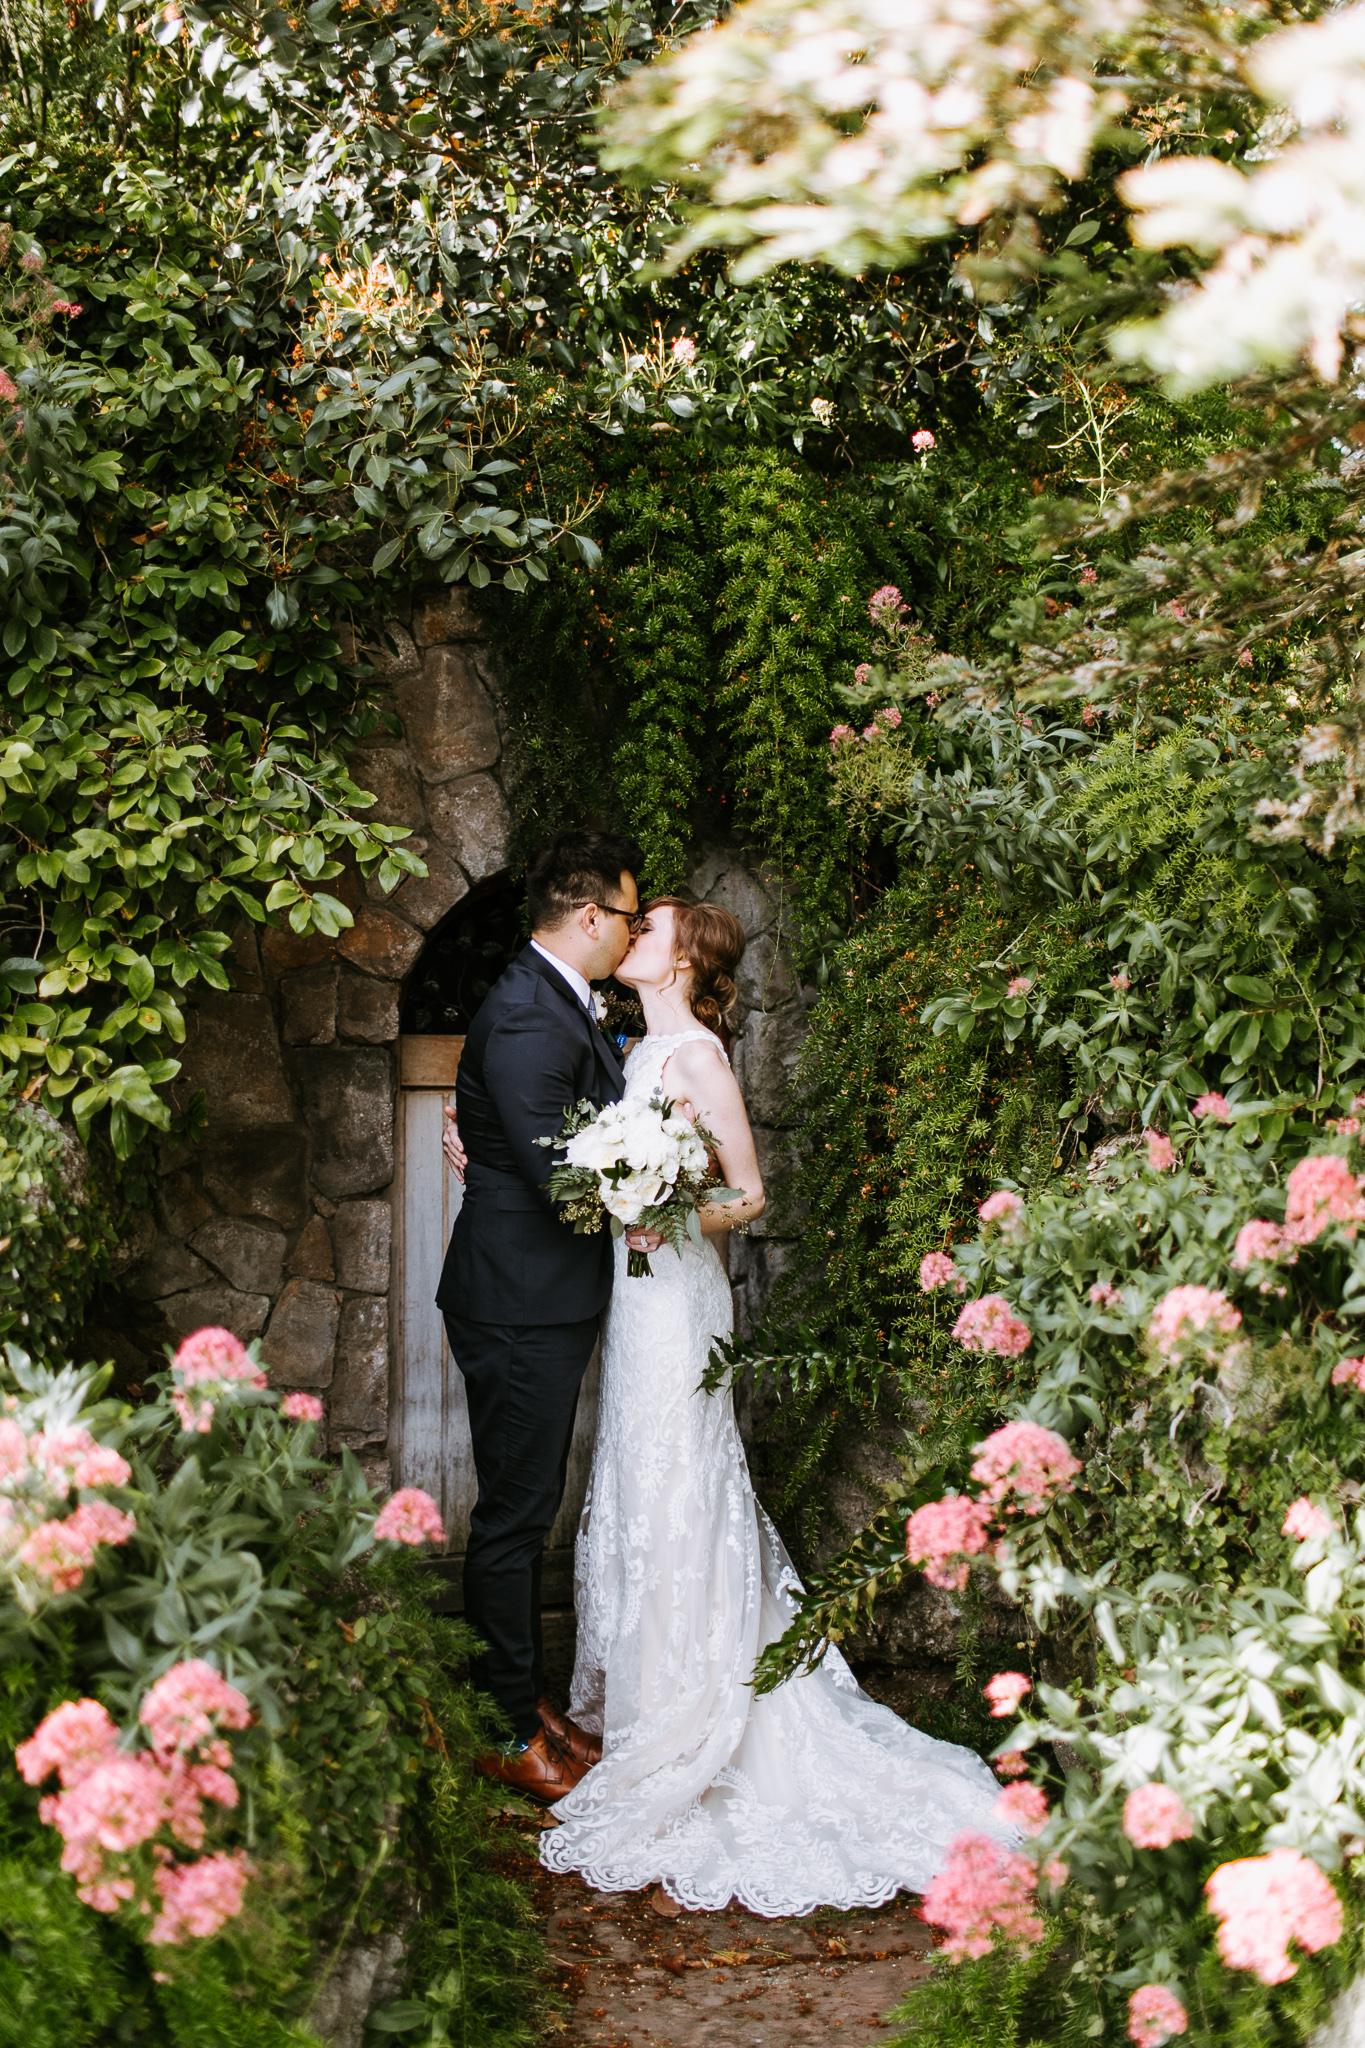 BayArea-Wedding-Photographer-51.jpg